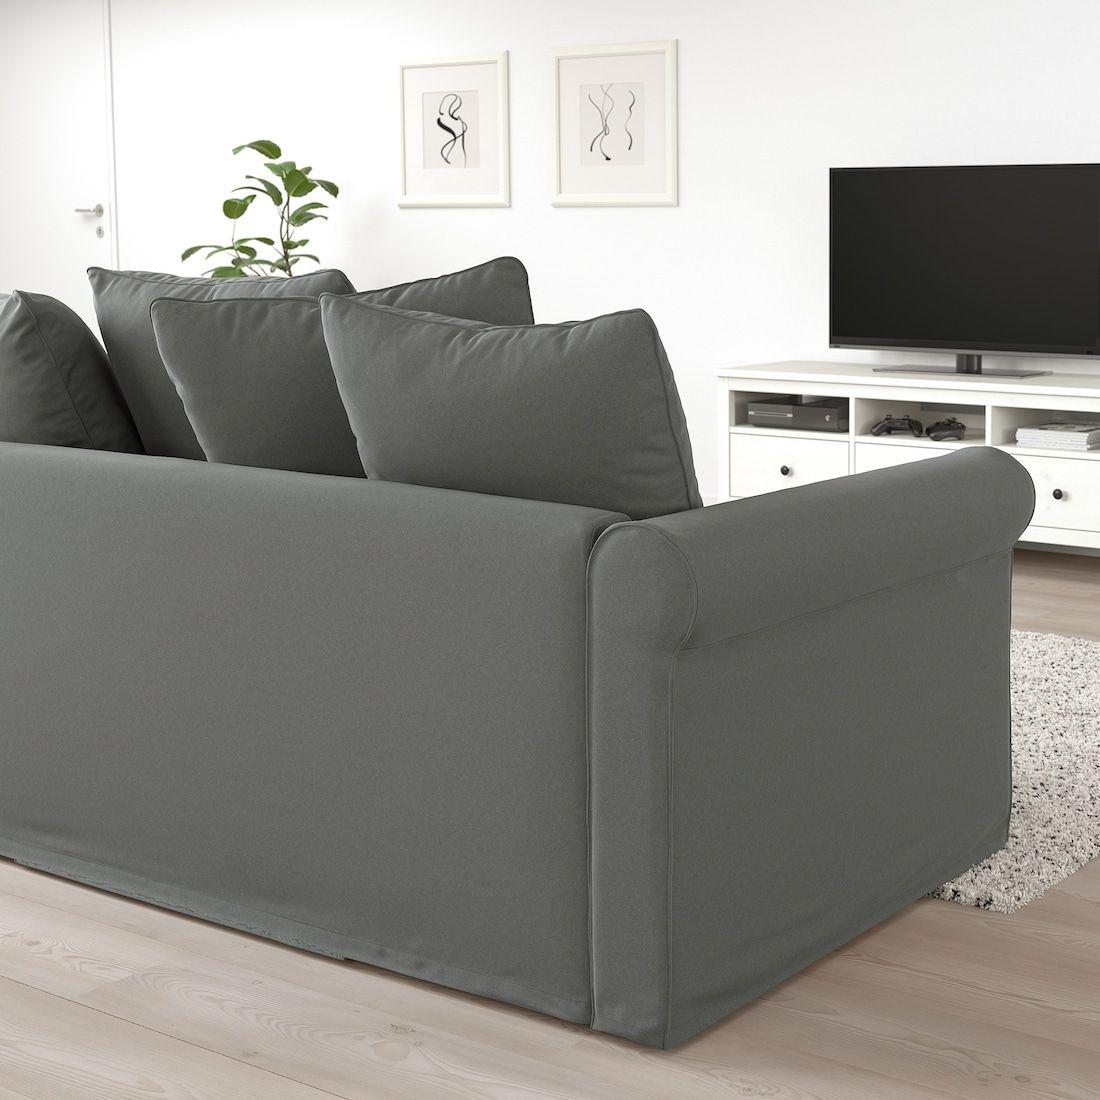 - GRÖNLID Corner Sleeper Sofa, 4-seat - With Open End, Ljungen